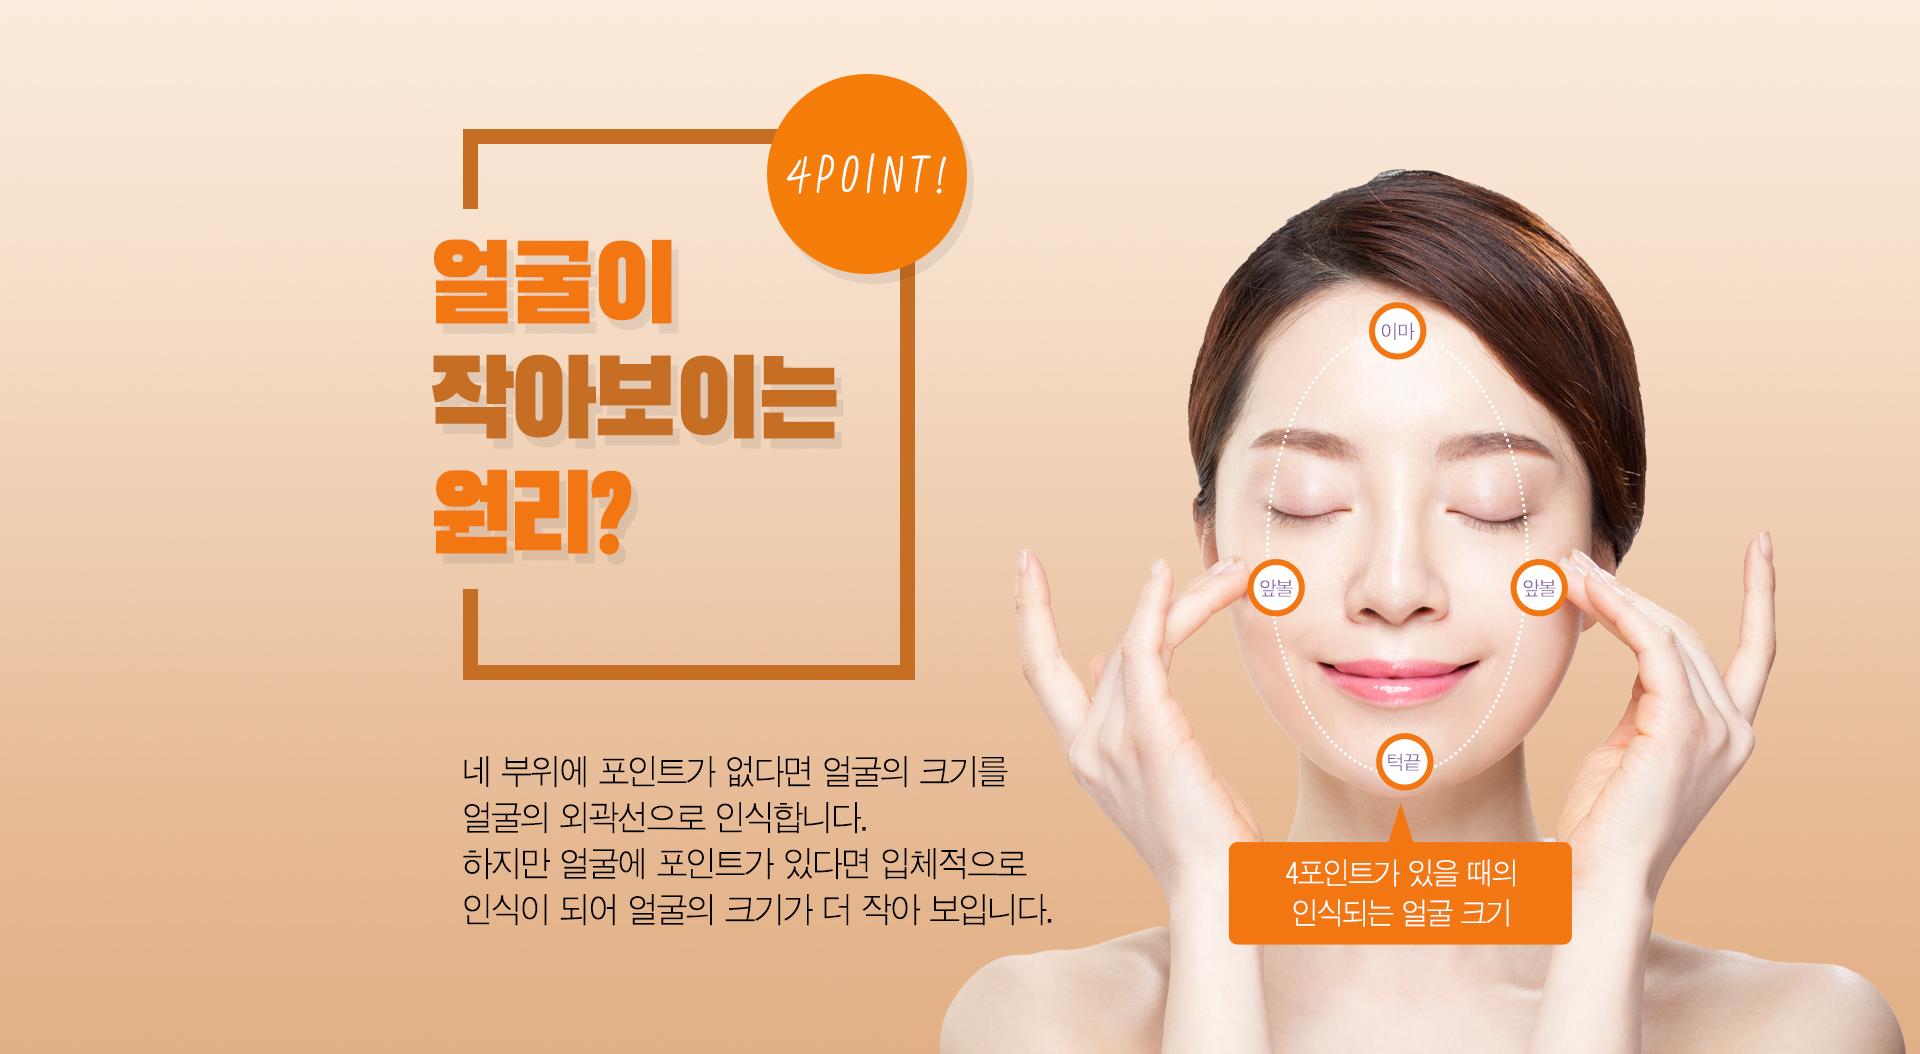 얼굴이 작아보이는 원리? 이마 – 앞볼(왼쪽) - 앞볼(오른쪽) - 턱 끝 네 부위에 포인트가 없다면 얼굴의 크기를 얼굴의 외곽선으로 인식합니다. 하지만 얼굴에 포인트가 있다면 입체적으로 인식이 되어 얼굴의 크기가 더 작아 보입니다.